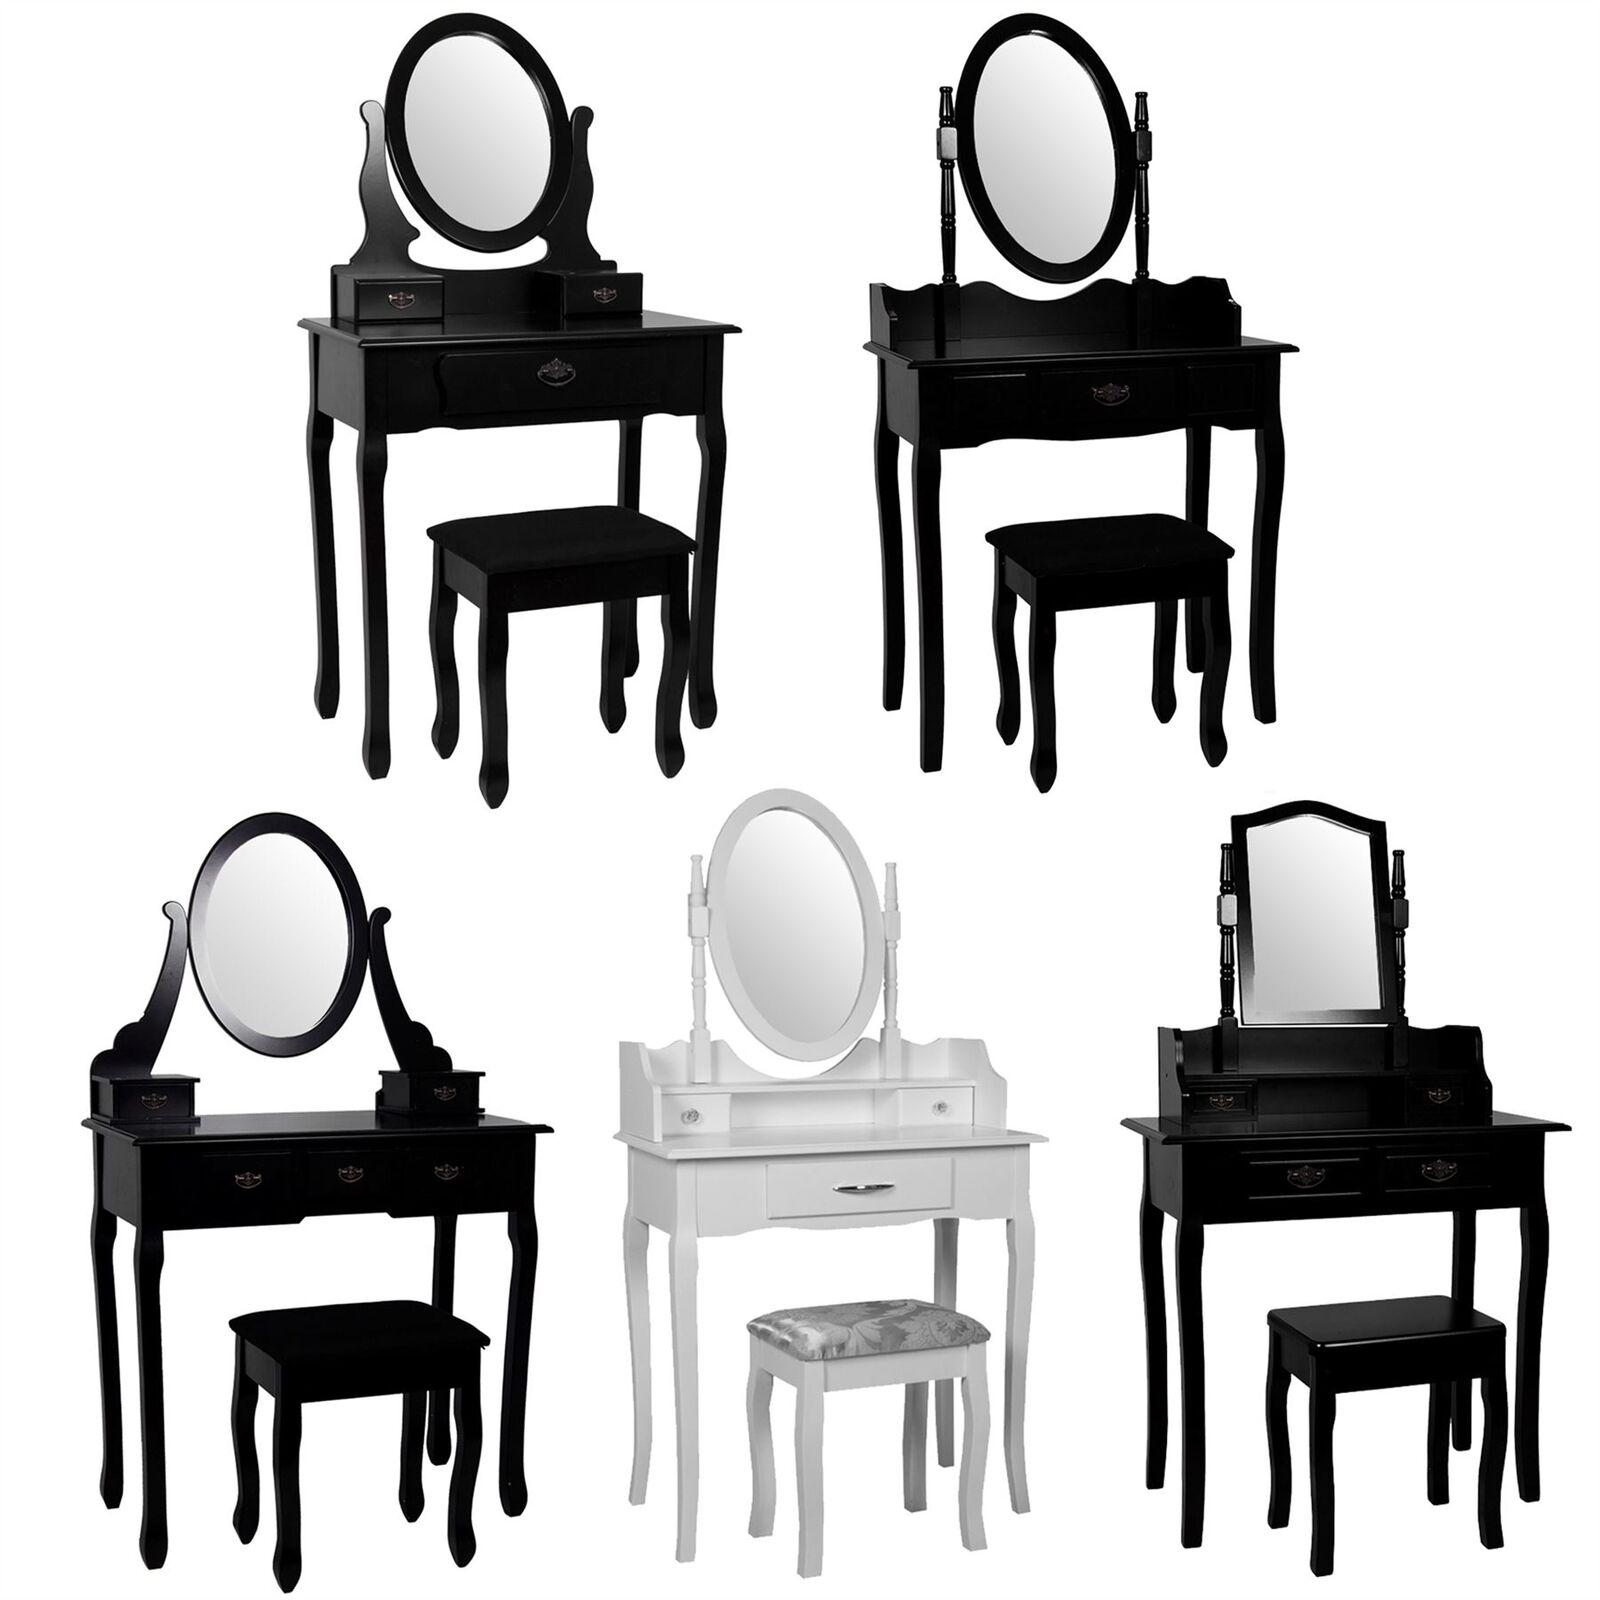 Nishano coiffeuse tiroirs Tabouret Miroir Chambre à Coucher Maquillage Bureau Noir Blanc